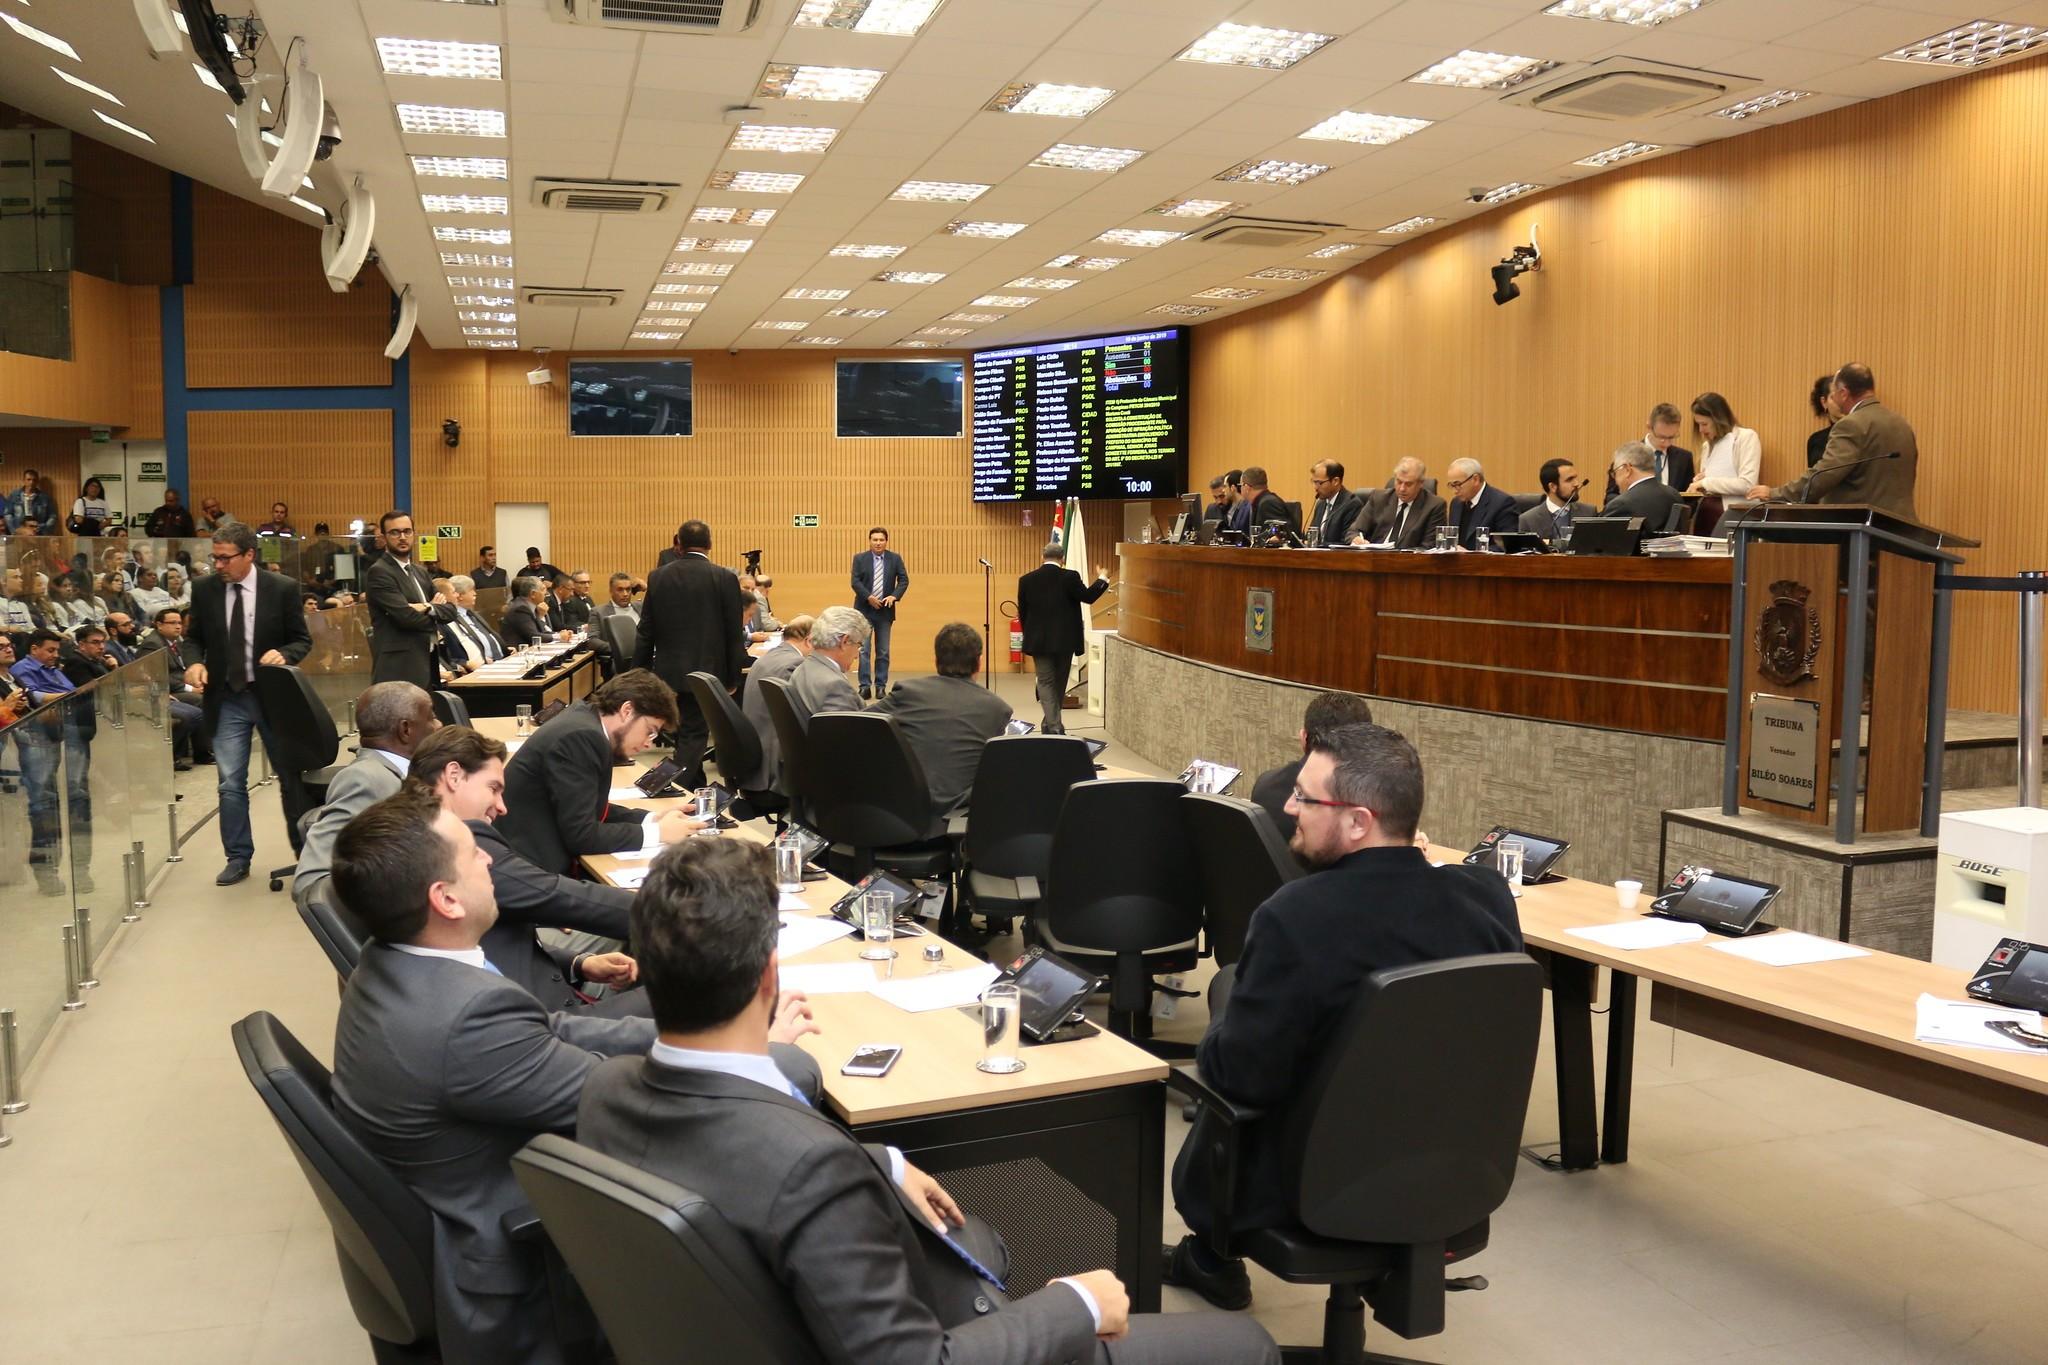 Câmara faz primeira votação do programa de regularização fiscal de Campinas nesta segunda-feira - Notícias - Plantão Diário